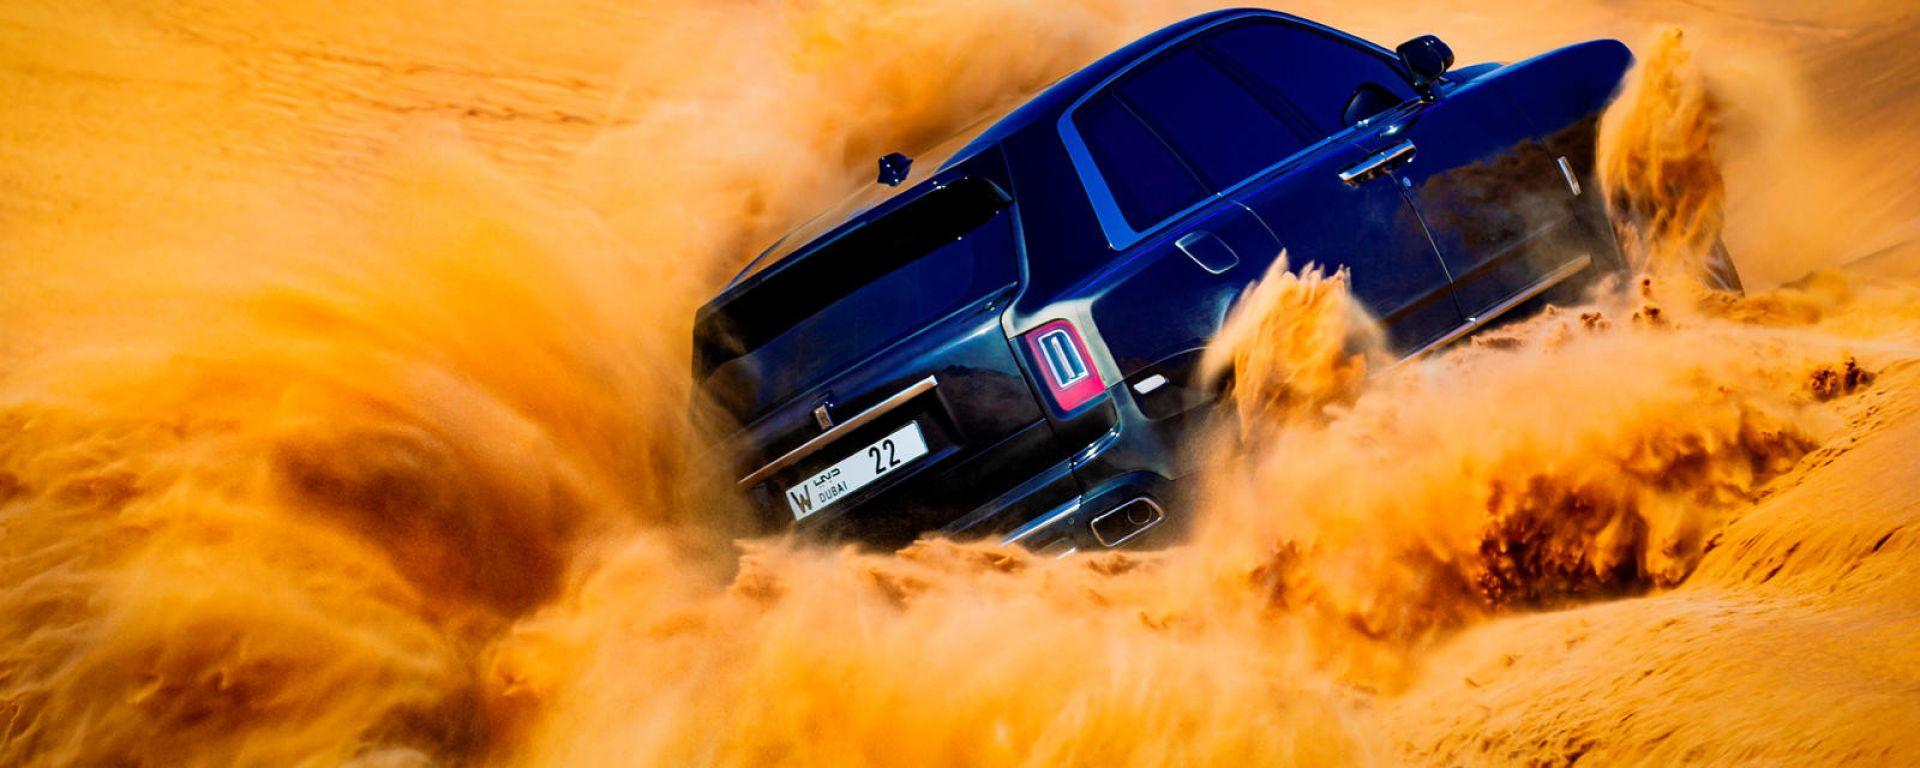 Rolls Royce Cullinan: SUV o vero fuoristrada?